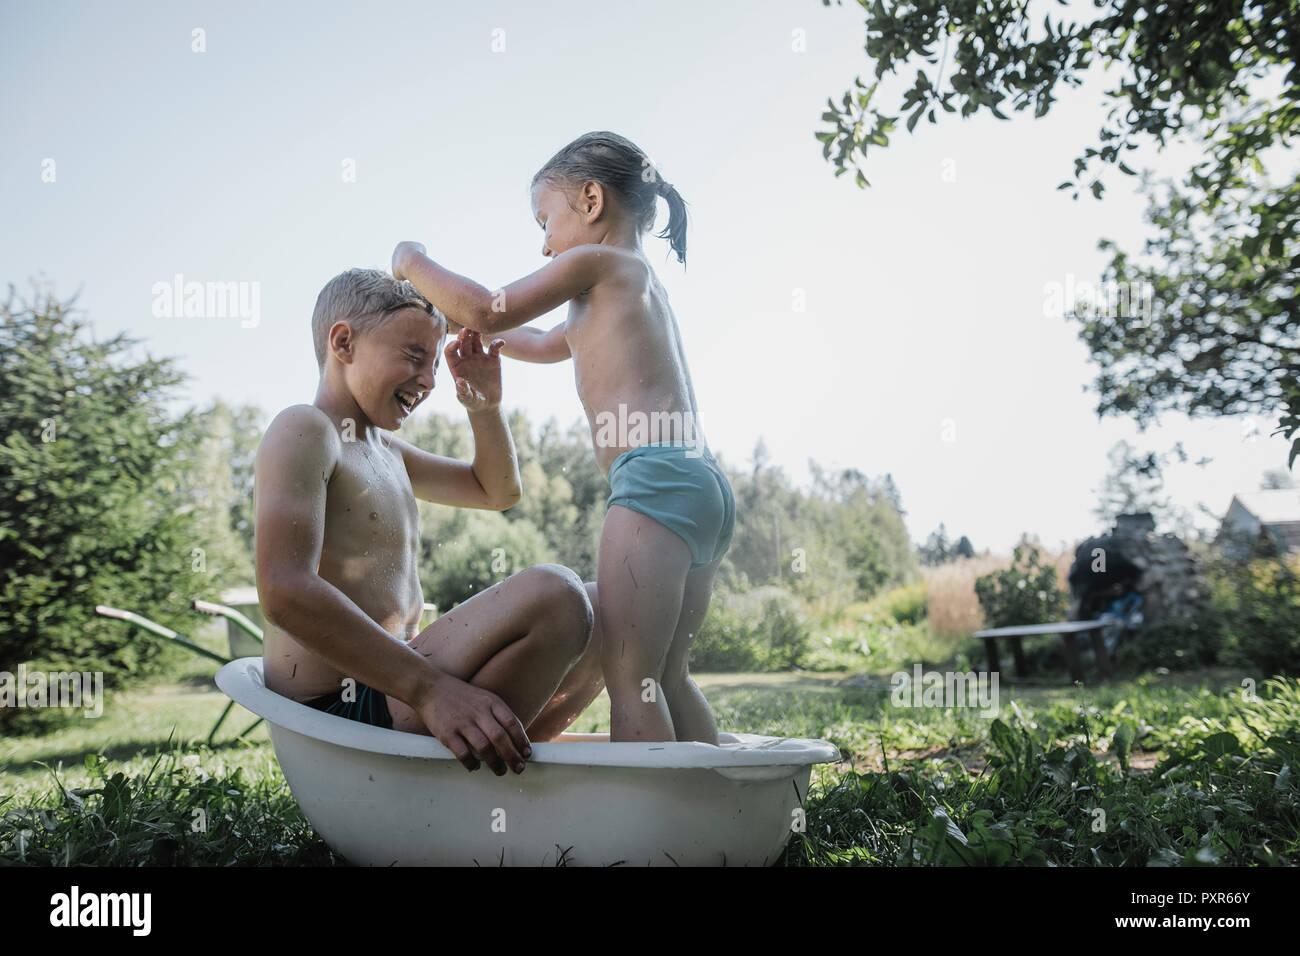 Fratello e sorella gioca con acqua nella piccola vasca da bagno in giardino foto immagine - Bambolotti che fanno il bagno ...